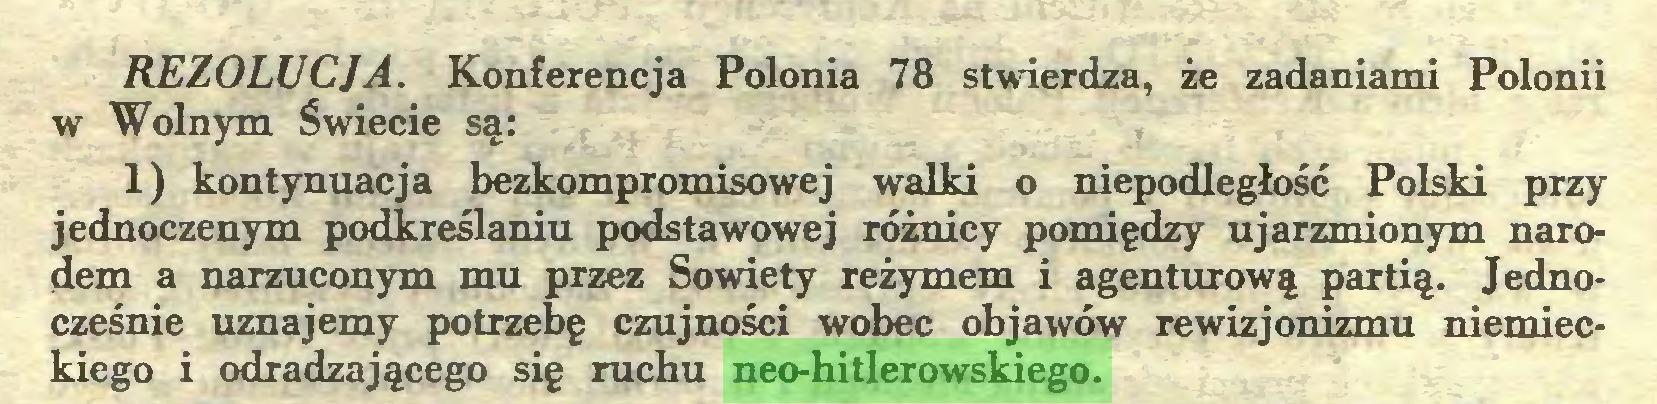 (...) REZOLUCJA. Konferencja Polonia 78 stwierdza, że zadaniami Polonii w Wolnym Świecie są: 1) kontynuacja bezkompromisowej walki o niepodległość Polski przy jednoczenym podkreślaniu podstawowej różnicy pomiędzy ujarzmionym narodem a narzuconym mu przez Sowiety reżymem i agenturową partią. Jednocześnie uznajemy potrzebę czujności wobec objawów rewizjonizmu niemieckiego i odradzającego się ruchu neo-hitlerowskiego...